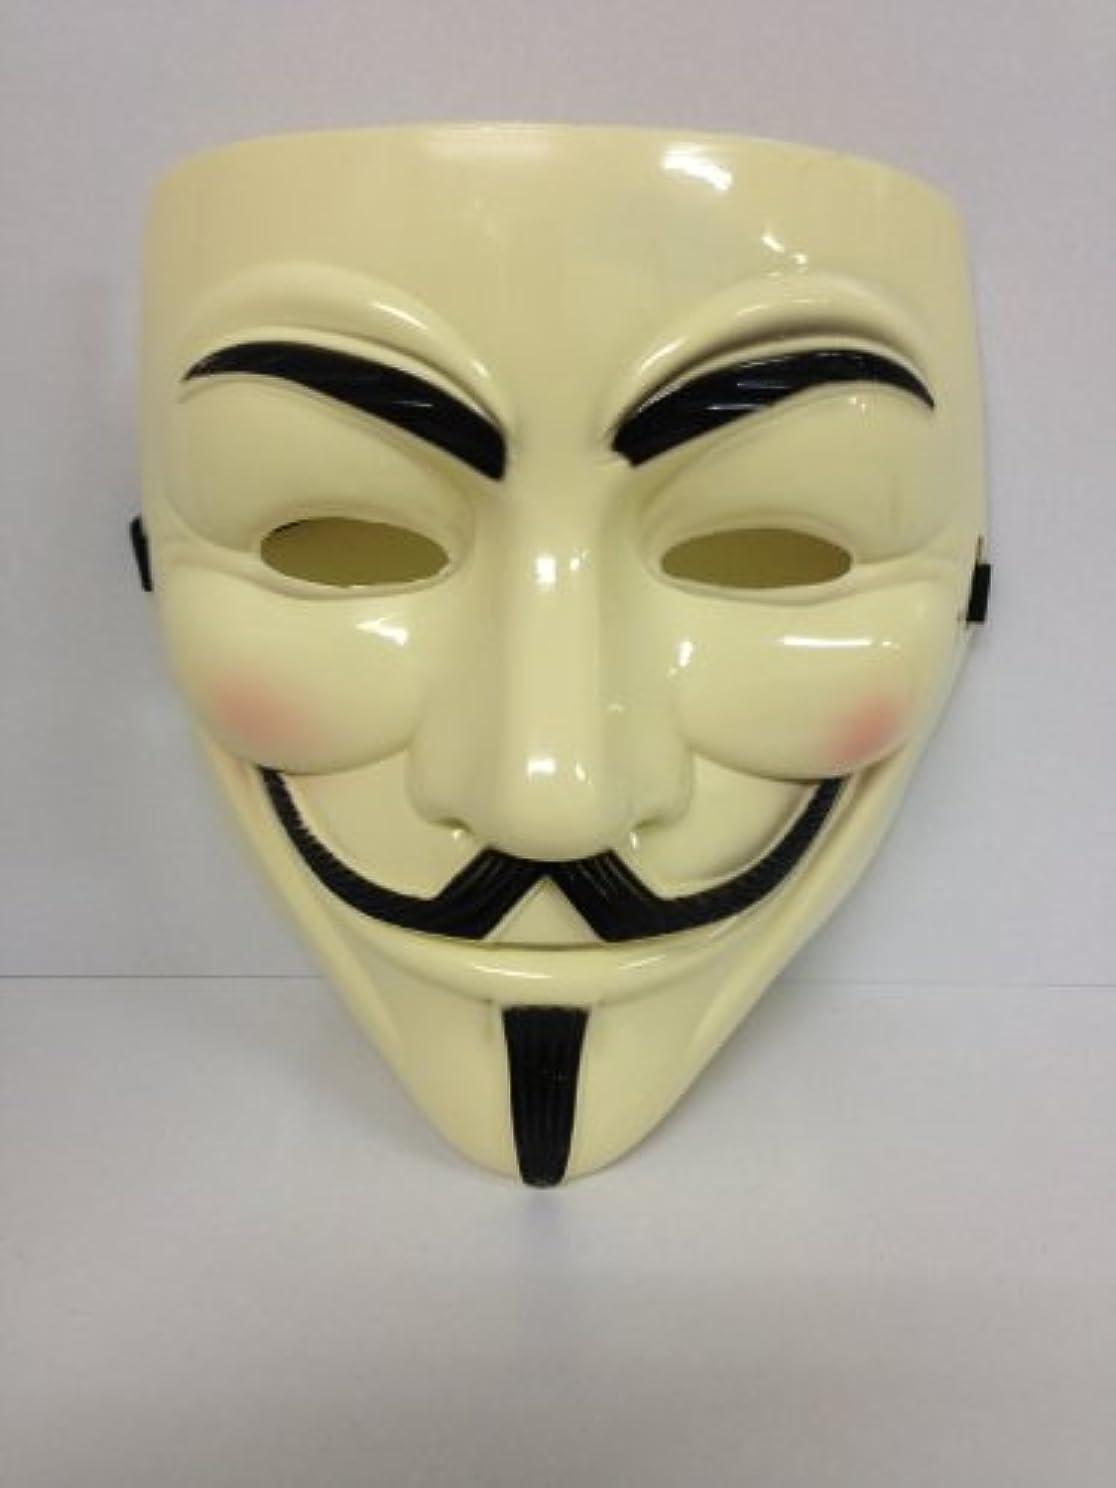 旅行代理店熱心な会話V for Vendetta Mask / アノニマス/ガイ?フォークス 仮面 マスク